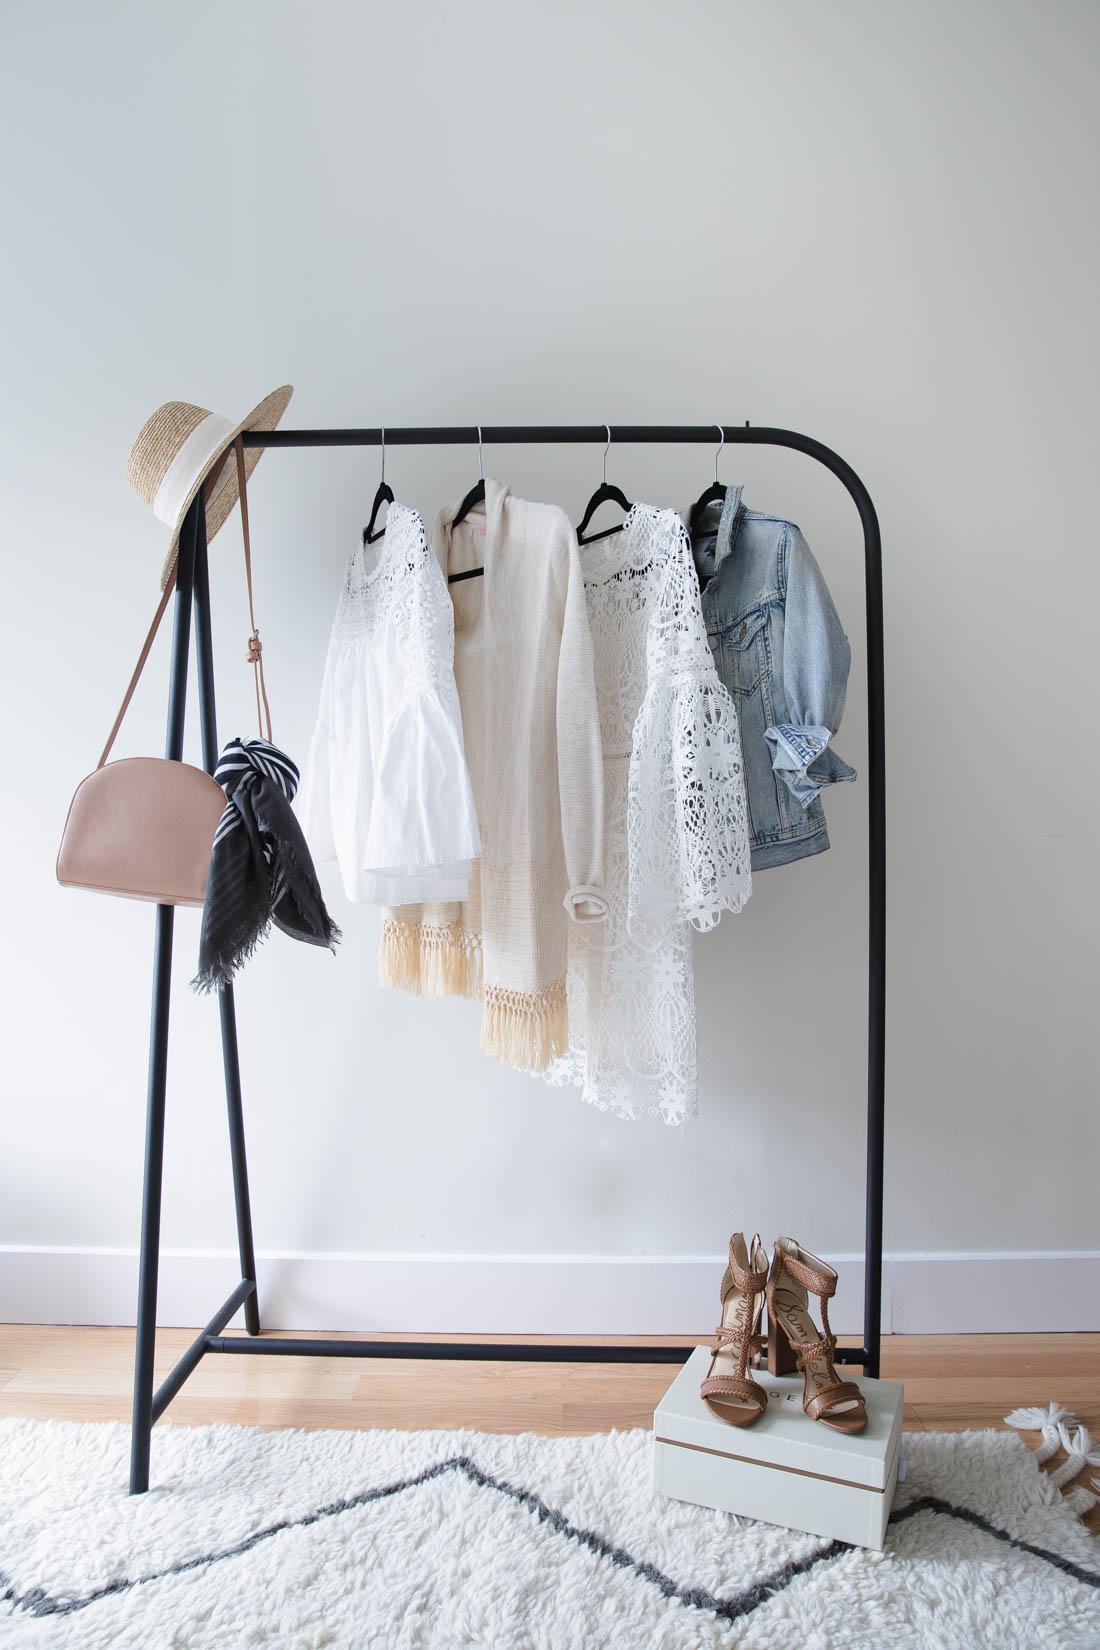 rod iron wardrobe rack